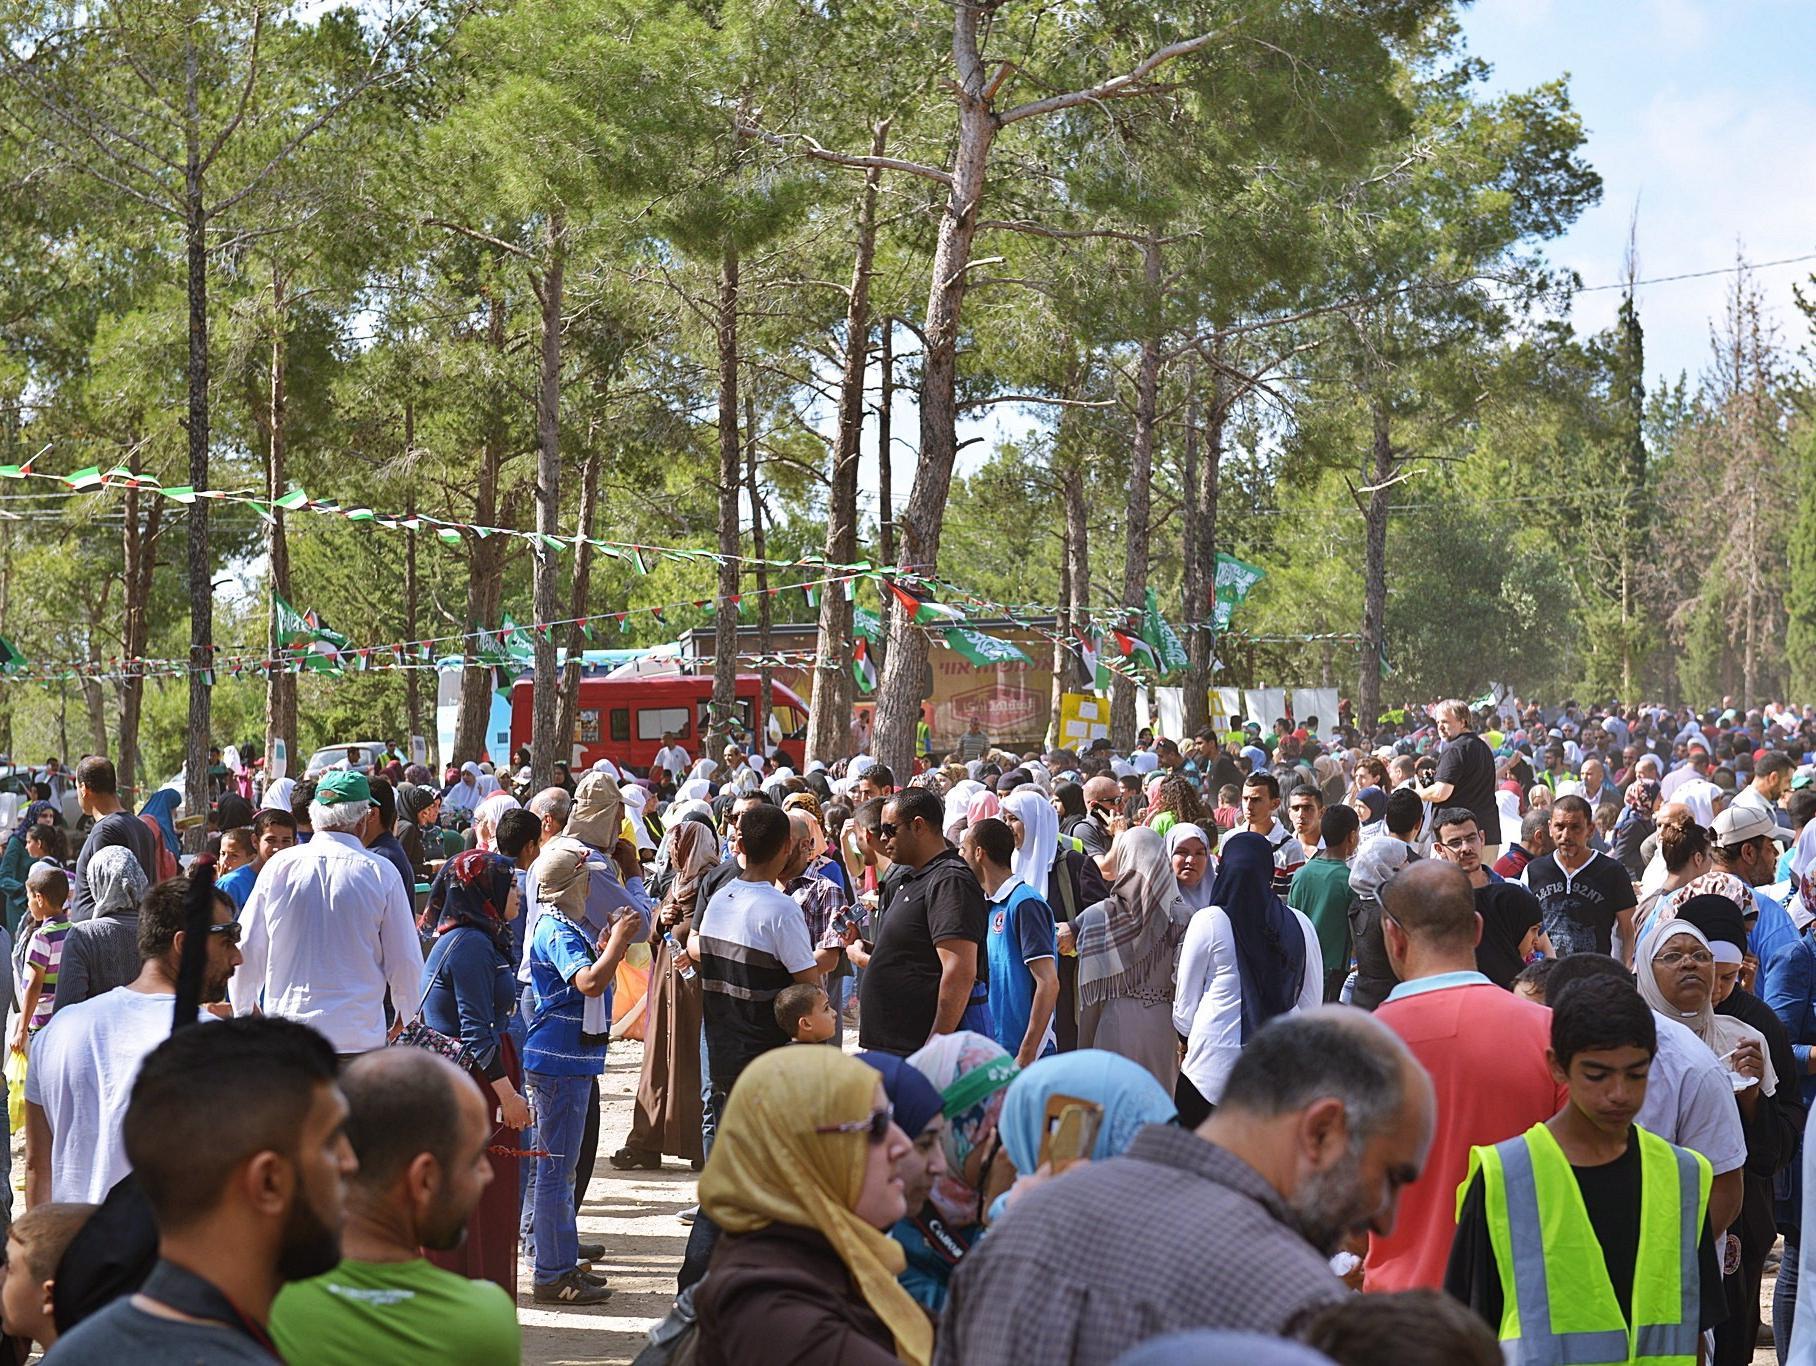 למרות מחאת התושבים: צעדת מחאה של הציבור הערבי התקיימה בעתלית